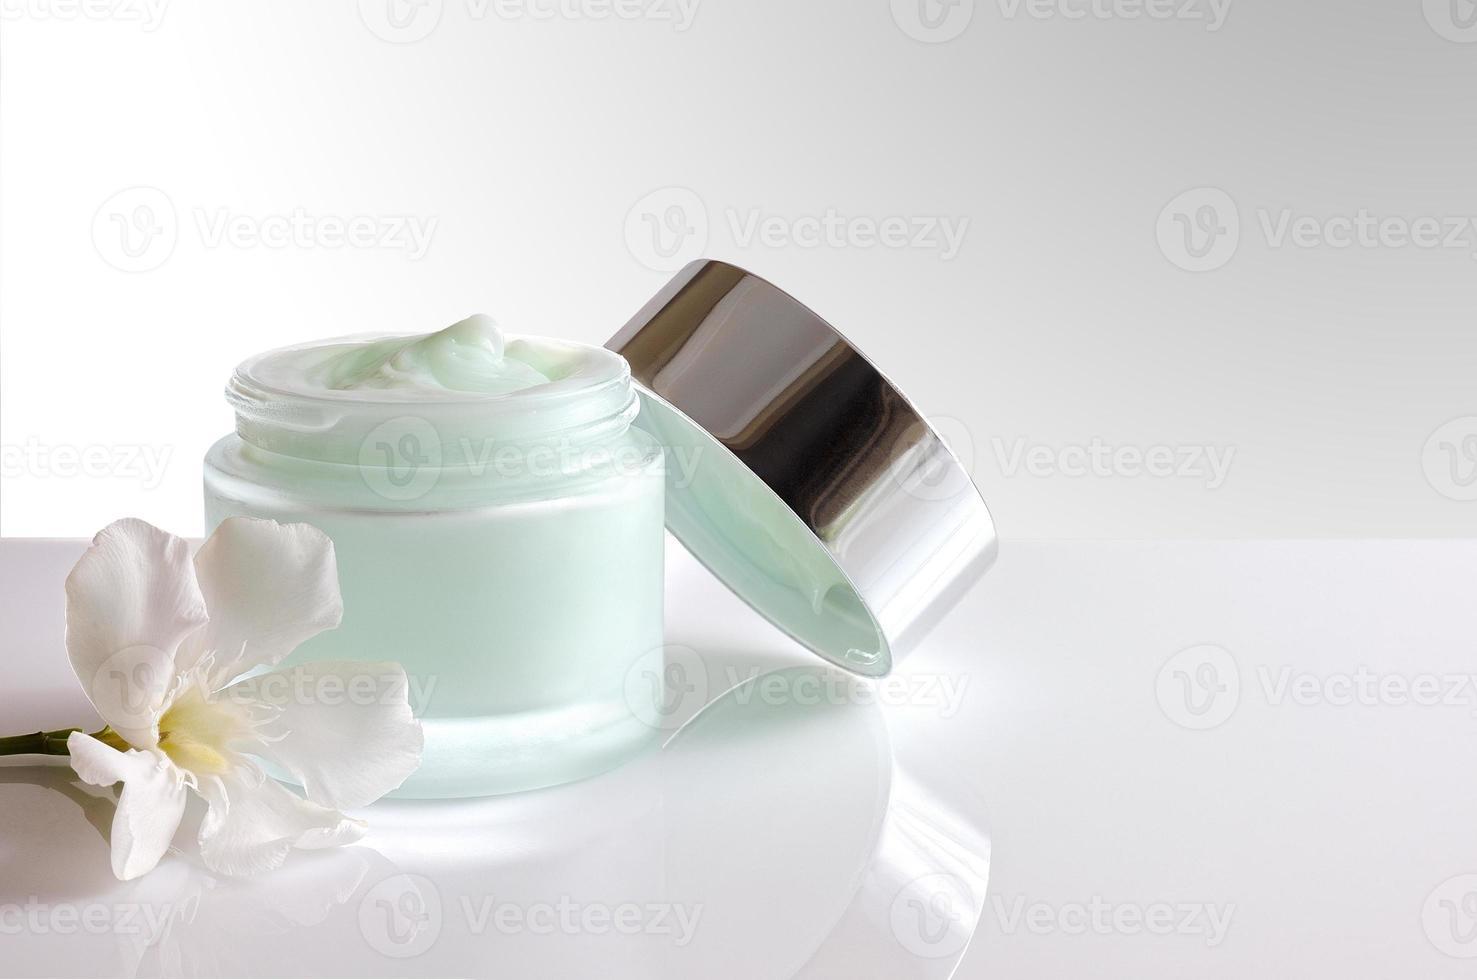 vasetto di crema aperto con vista frontale coperchio isolato foto